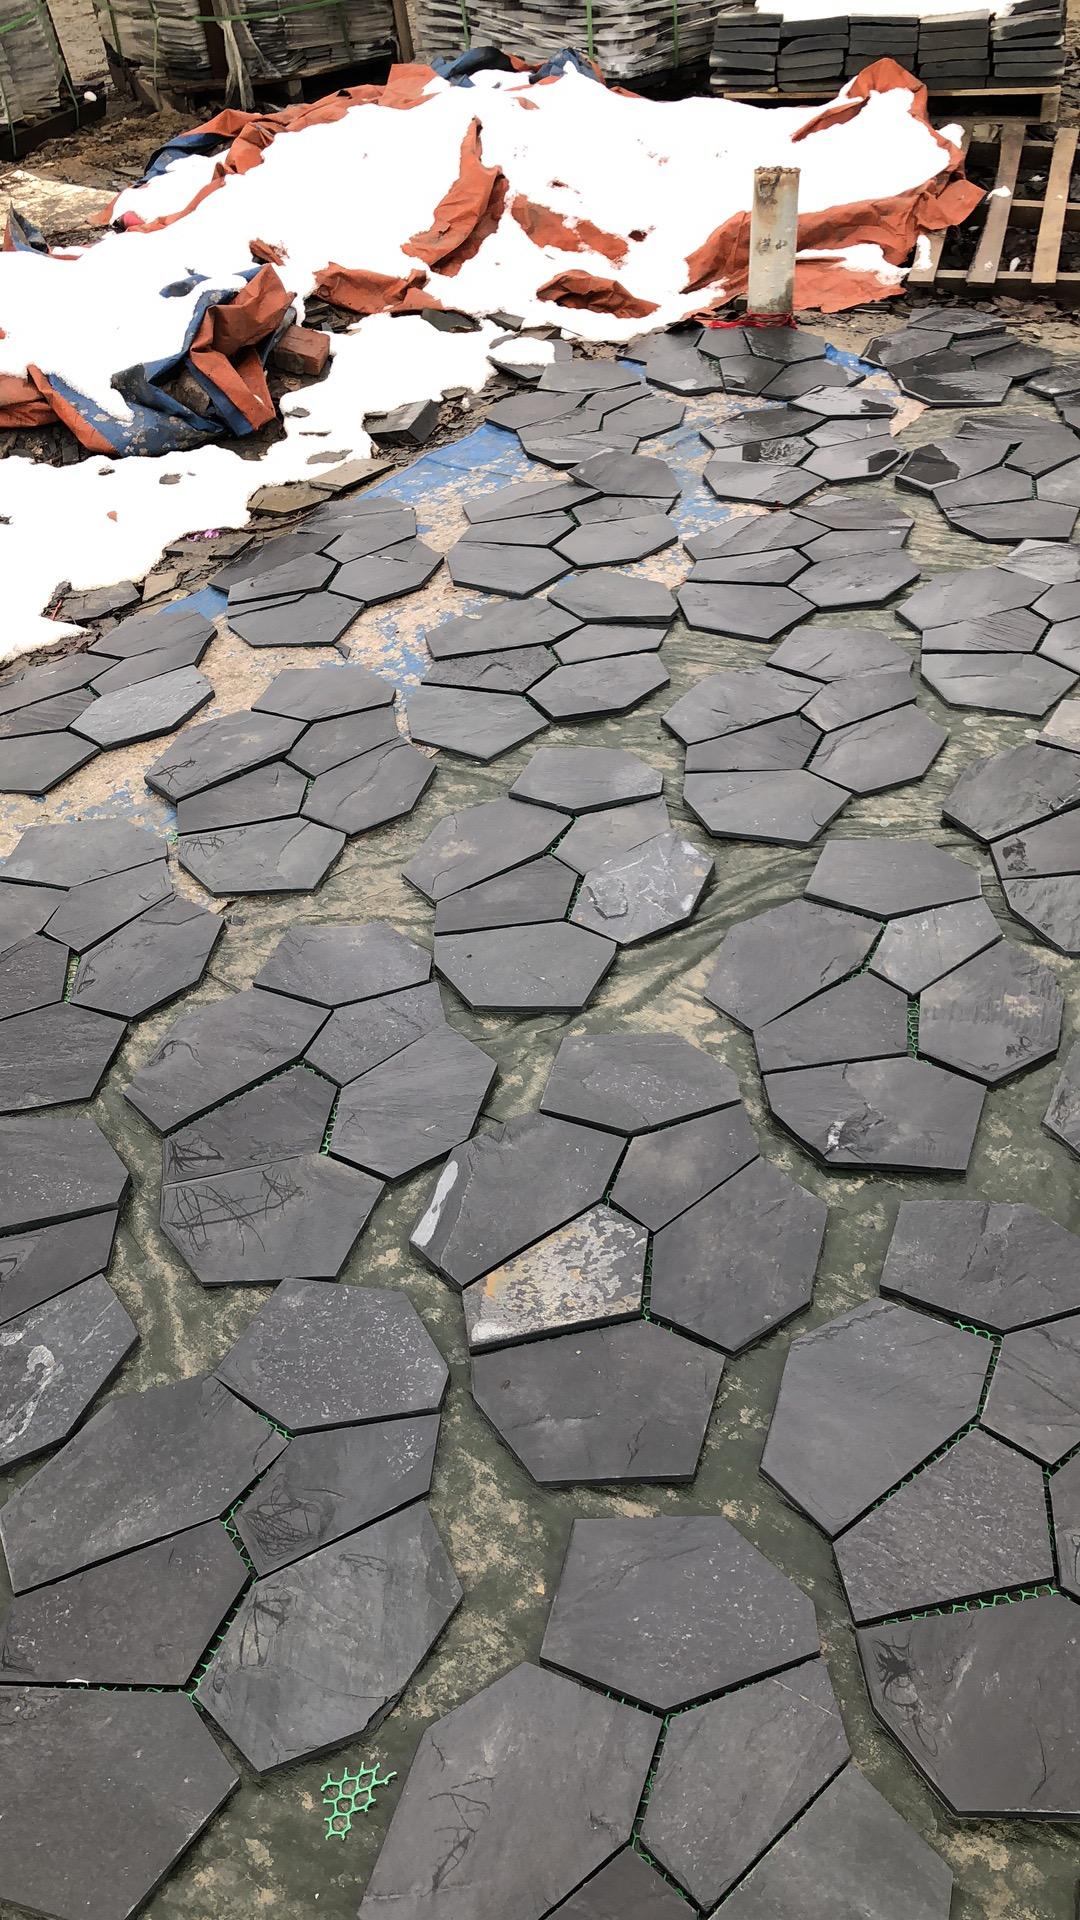 黑色冰裂纹 乱形文化石报价 别墅外墙青石板厂商 江西冰裂纹 冰裂纹供应商 冰裂纹厂家